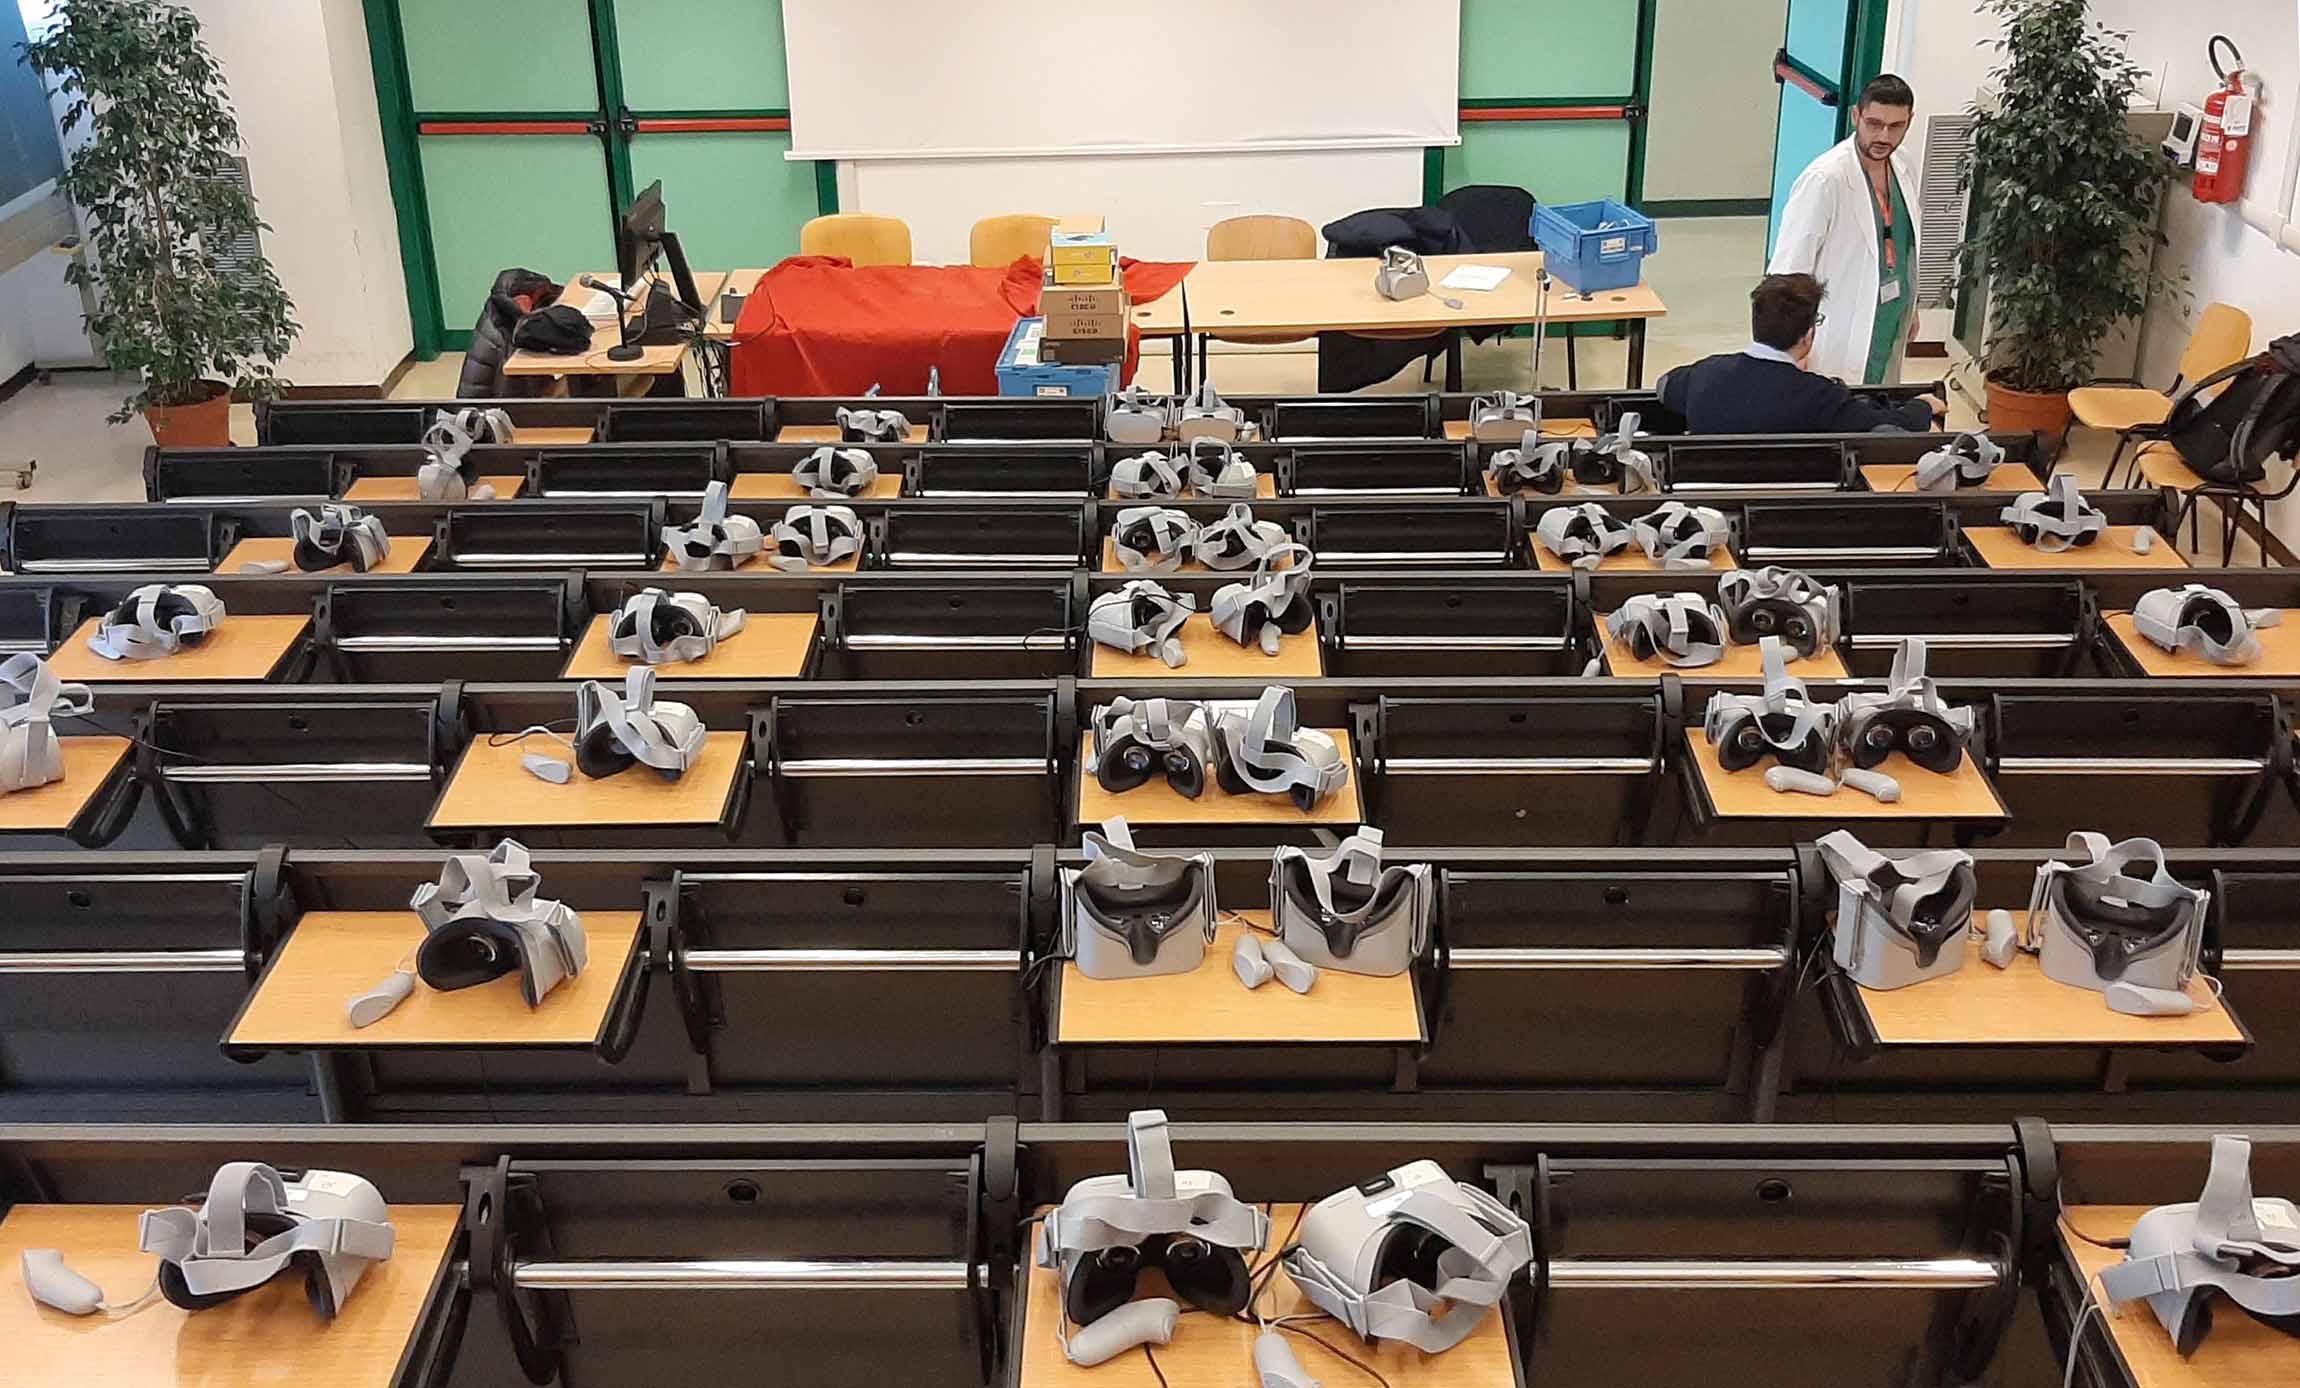 venezia Noleggio visori live streaming Roma Milano un sistema di live streaming 360 su rete locale in real time senza delay tra 2 camere 360° posizionate in due sale operatorie diverse. Abbiamo usato un sistema di regia live audio e video, che ha permesso a gruppi di 50 infermieri e specializzandi per volta di vivere in maniera immersiva la sala operatoria durante delle gastroscopie. Abbiamo collegato i visori Oculus GO (50x) in rete locale